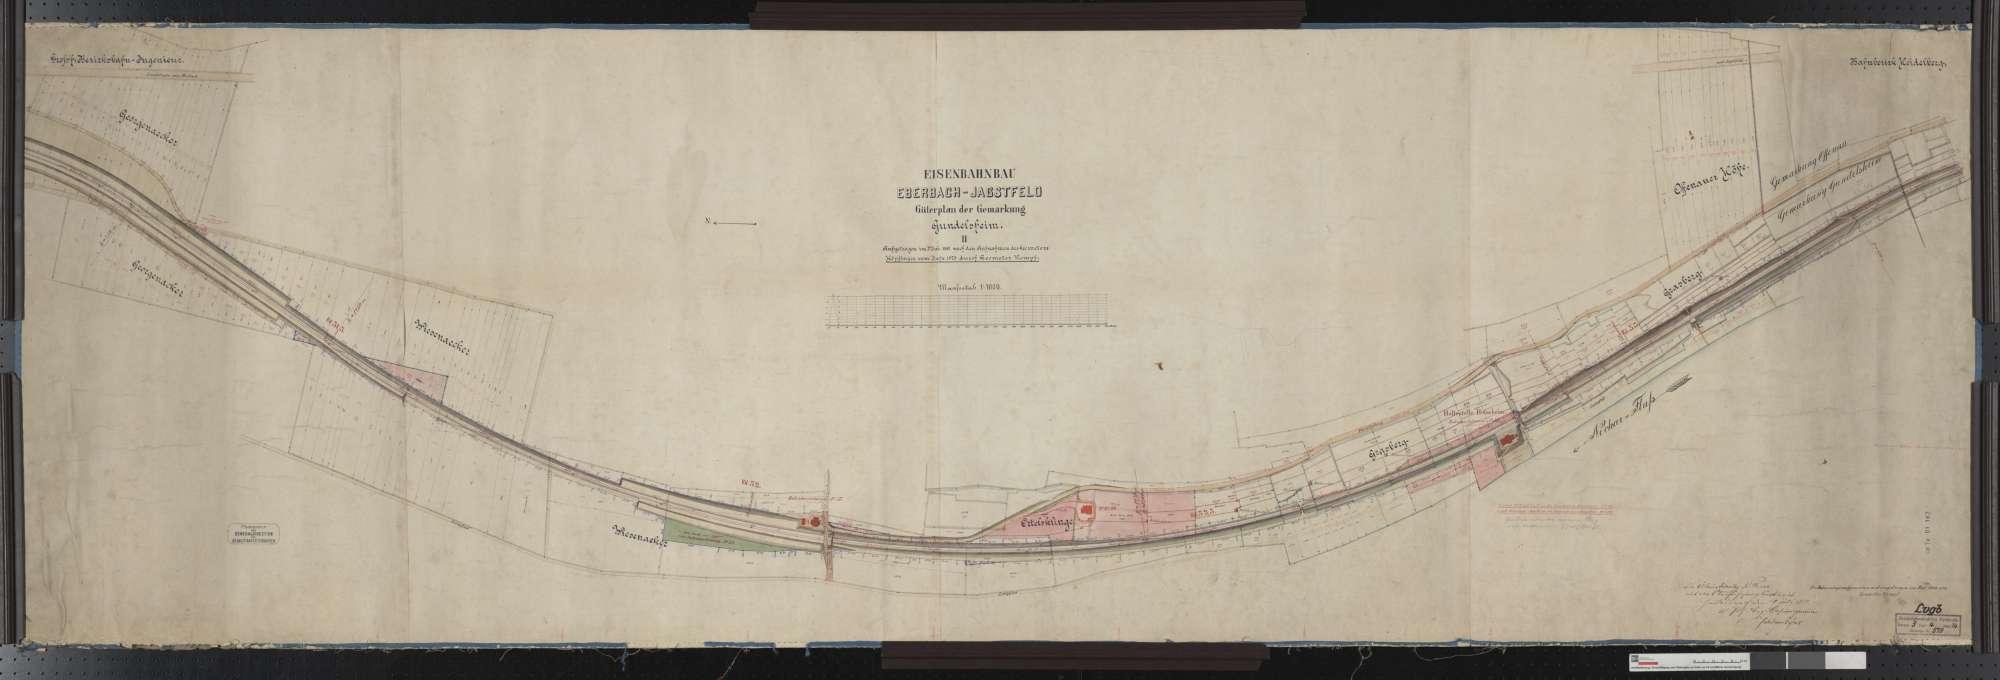 Gütervermessung der Bahn von Eberbach bis Jagstfeld: Gemarkung Gundelsheim Streckenausschnitt: 51,2 bis 53,4 km, Bild 1